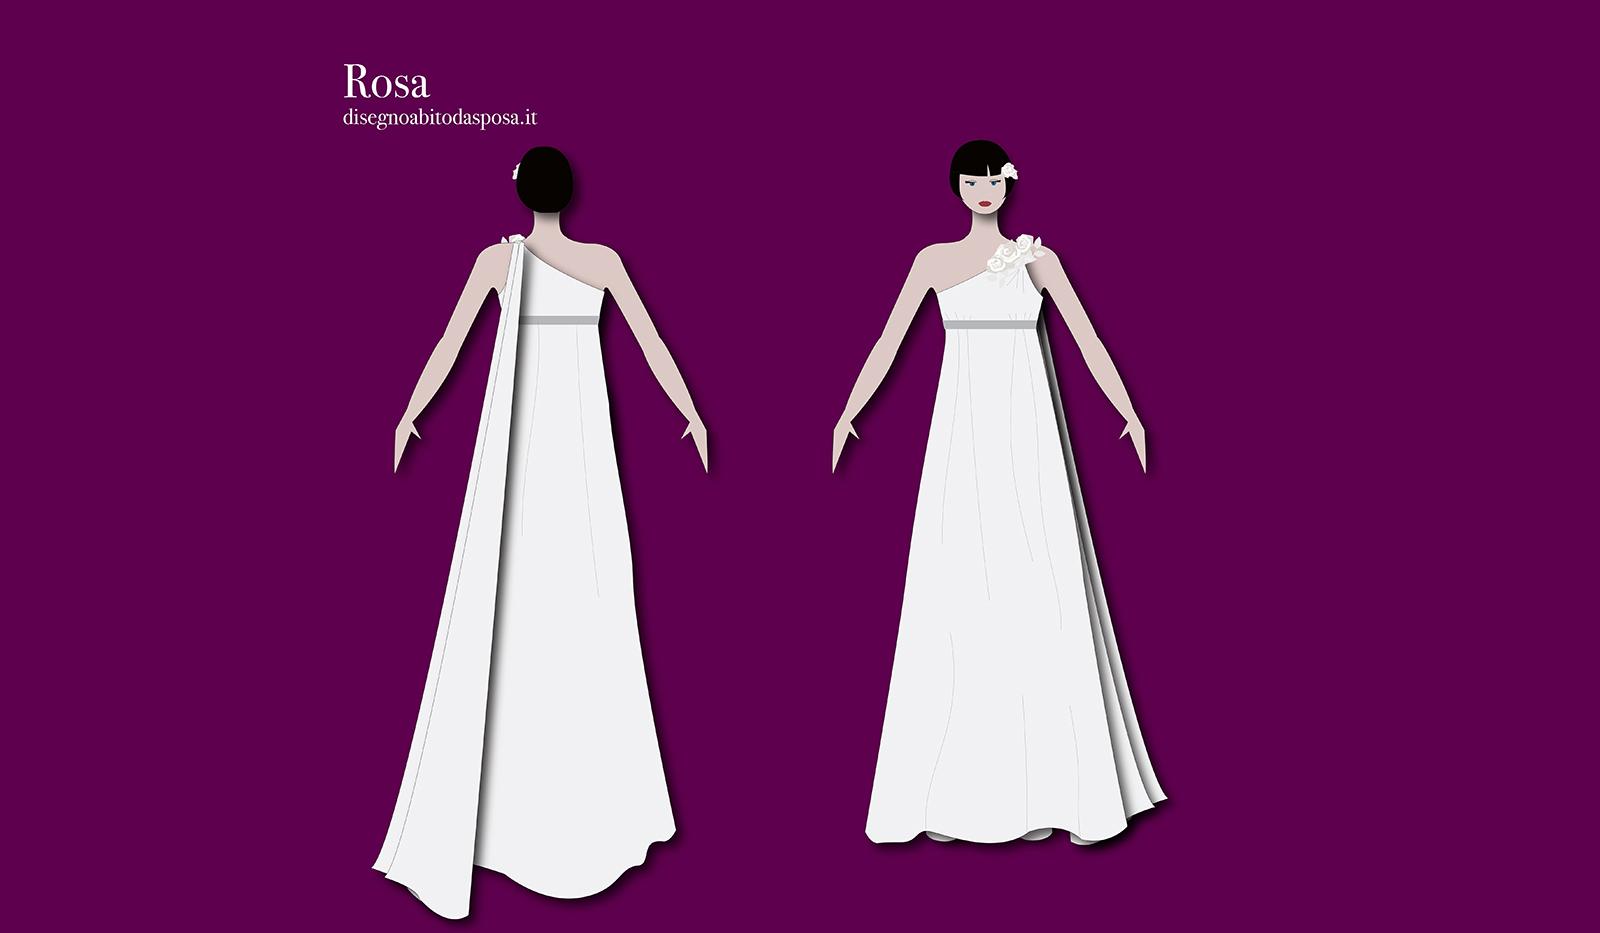 Abito da sposa Rosa in stile impero